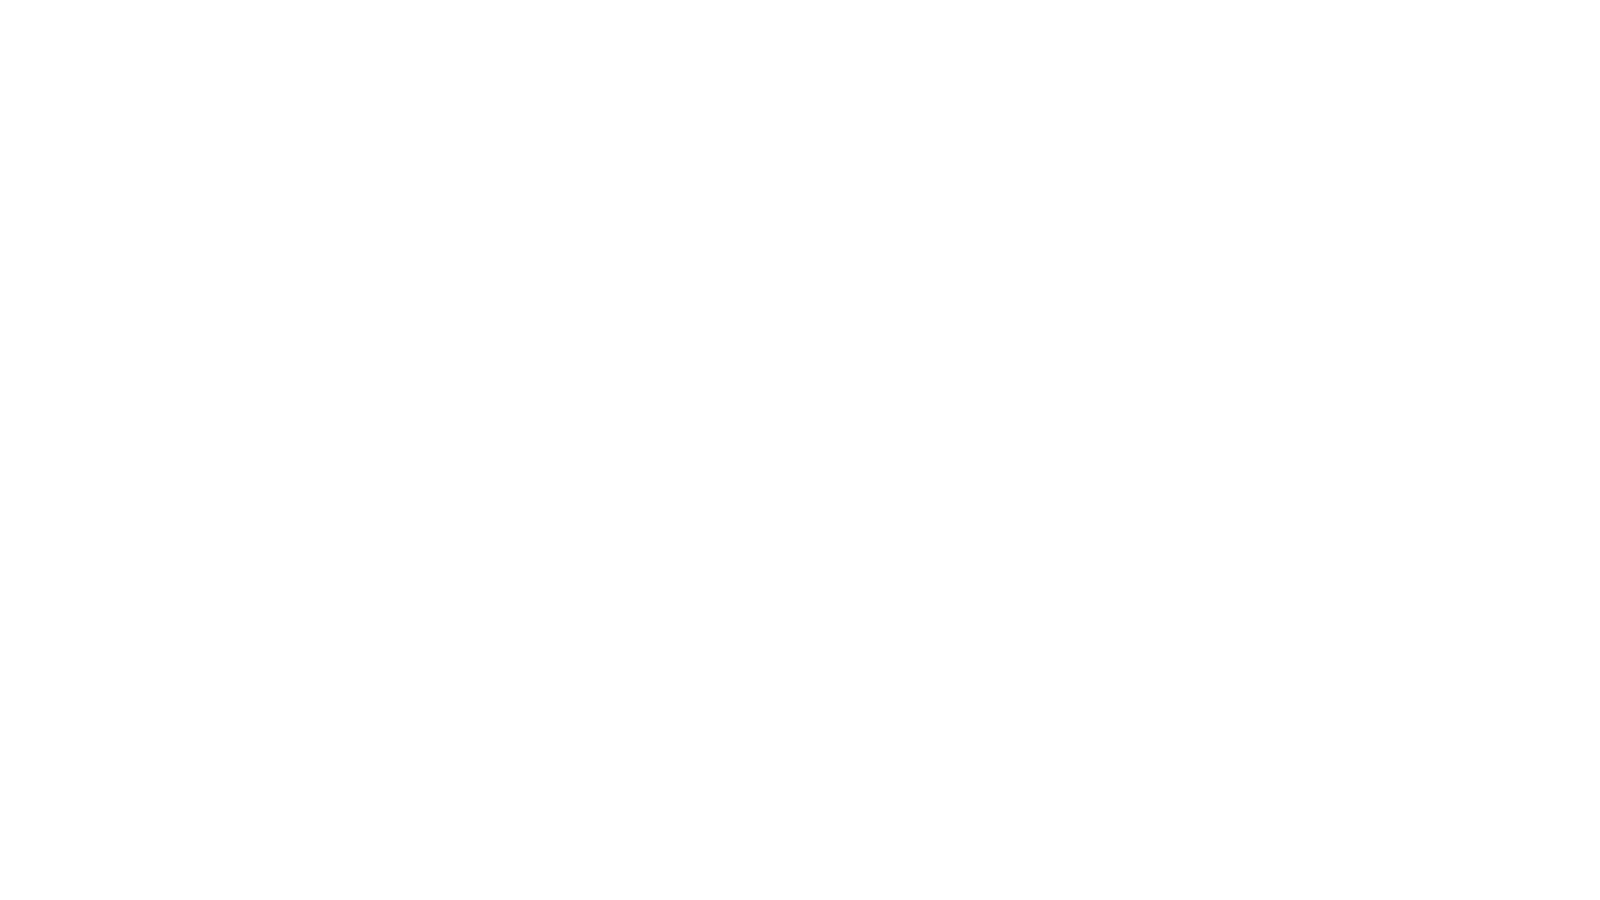 Szanowni Państwo - szukamy pomysłów  jak sprawić, by książki mogły bezpiecznie dotrzeć do seniorów, którym obostrzenia wynikające z pandemii najbardziej ograniczyły dostęp do kultury.   Piszcie do nas w komentarzach albo na maila: redakcja@dobreksiazkimag.pl  Więcej o akcji przeczytacie w Magazynie Dobre Książki: https://www.dobreksiazkimag.pl/?p=55847